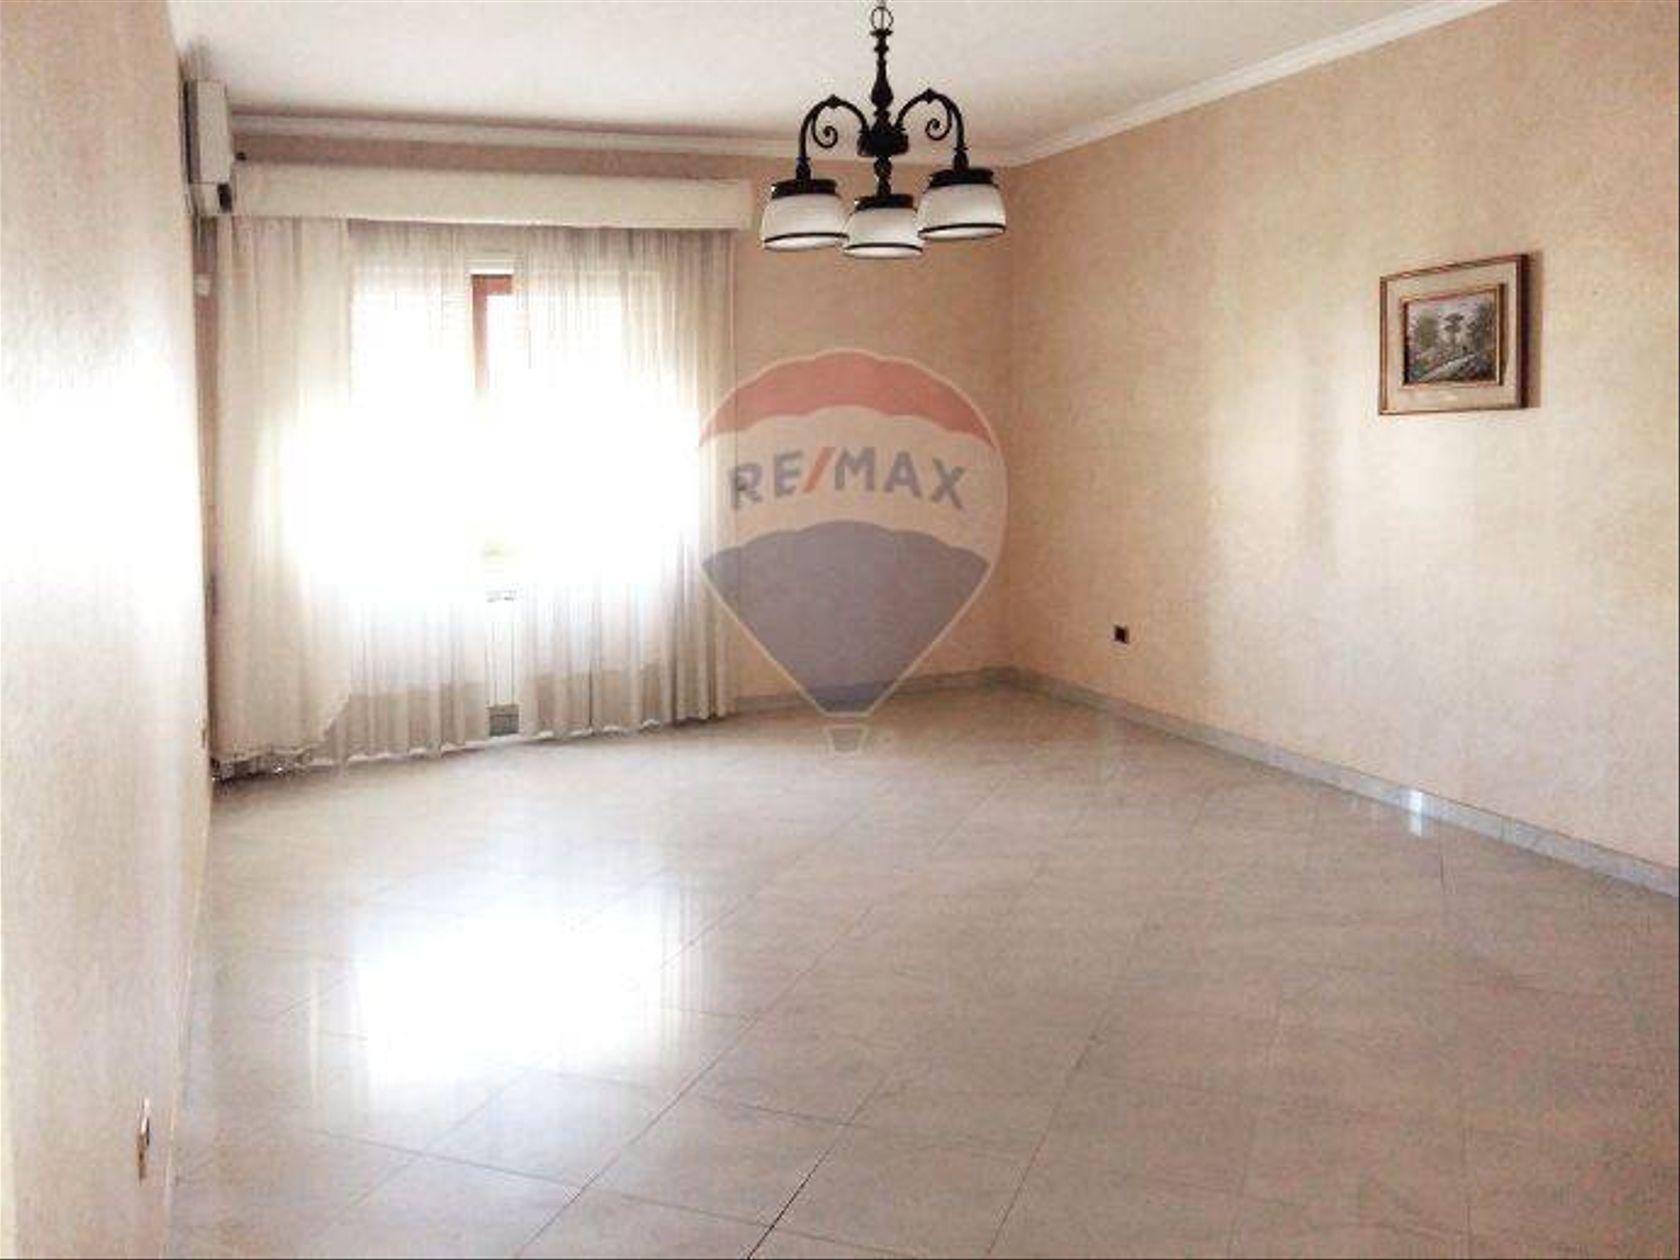 Appartamento Genneruxi, Cagliari, CA Vendita - Foto 7